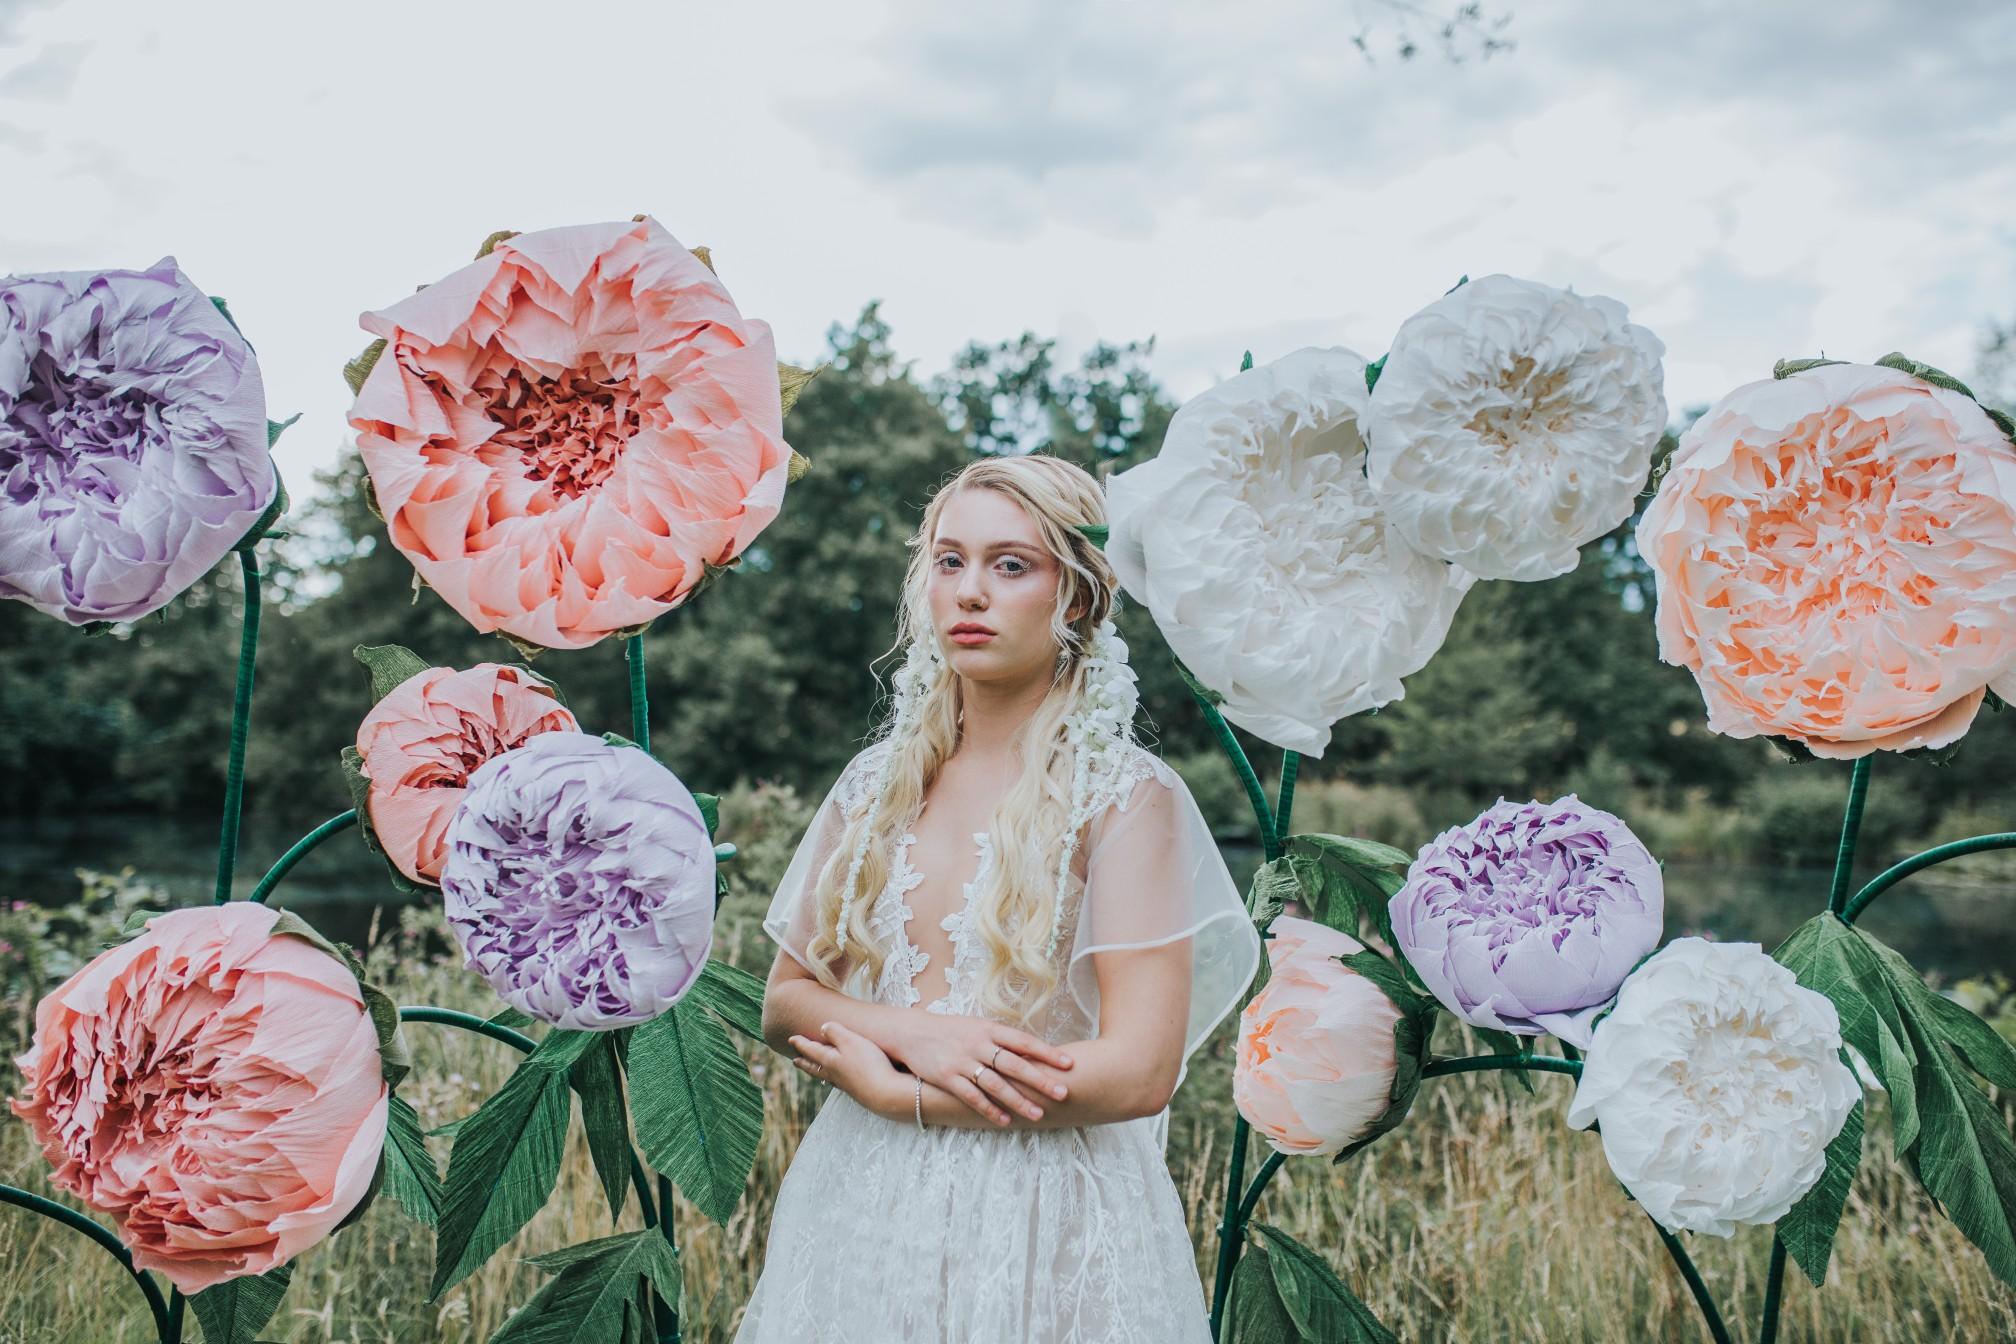 fairy wedding - whimsical wedding - magical wedding - elegant wedding dress - editorial wedding photos